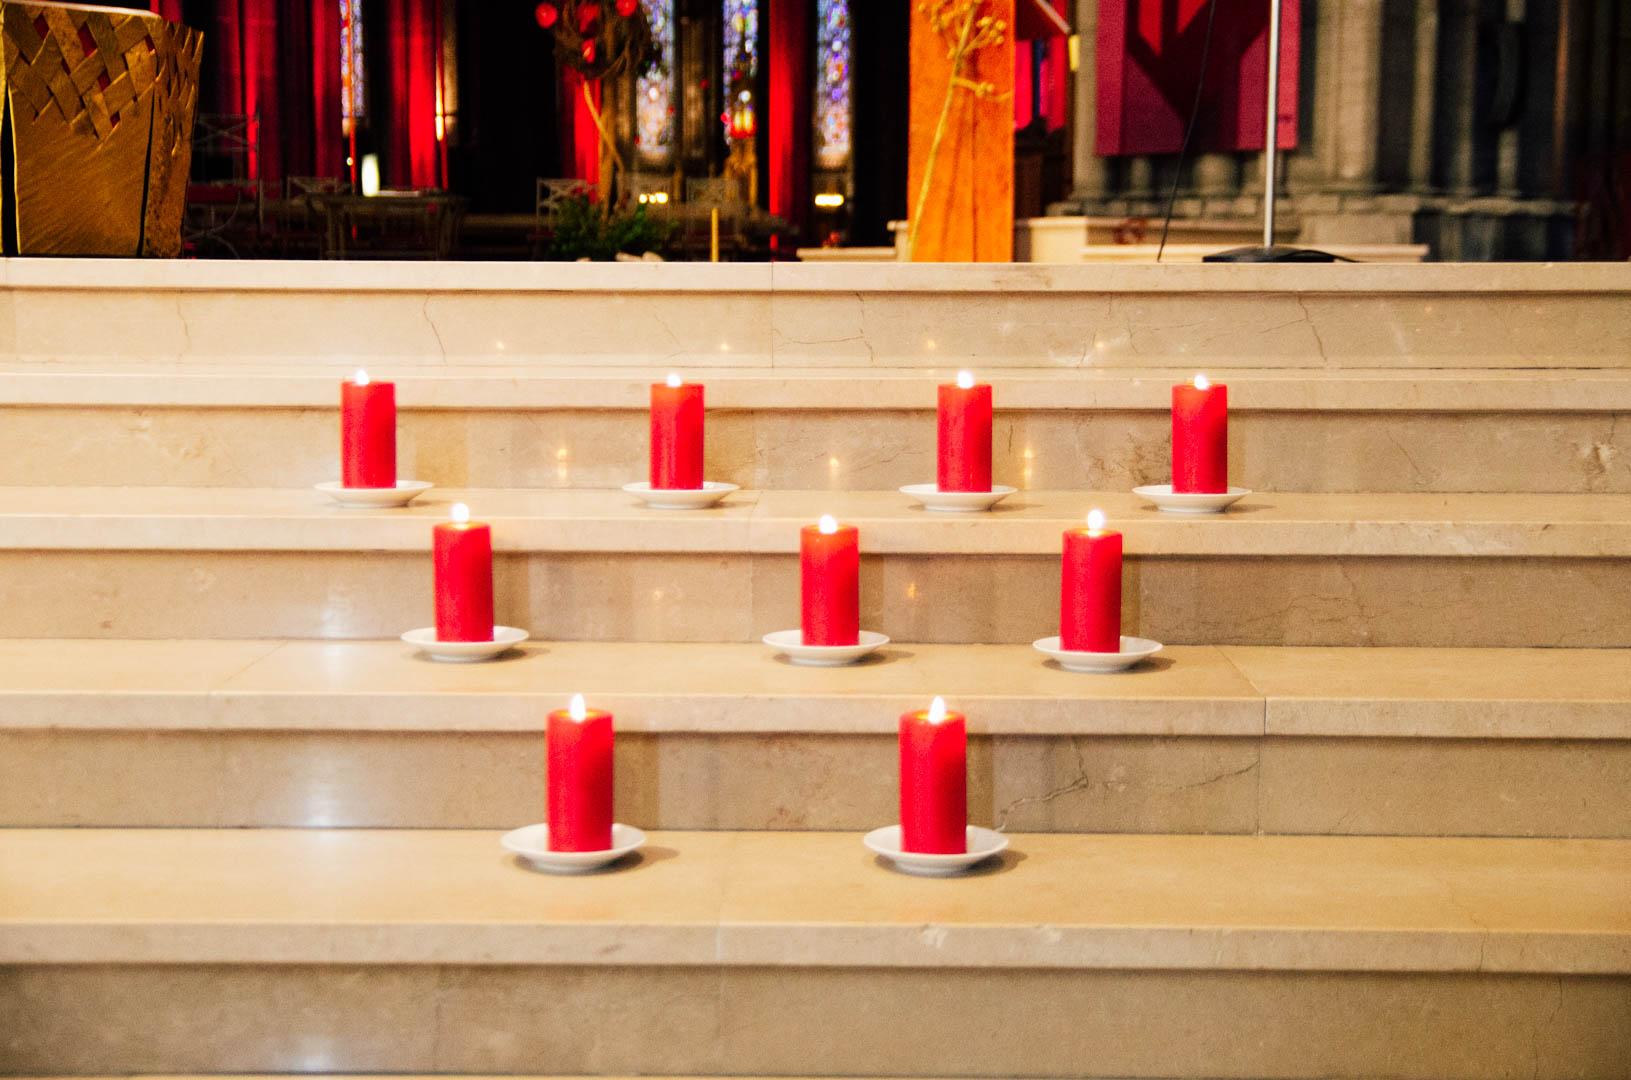 semaine sainte 2019 cathédrale notre dame de la treille 183